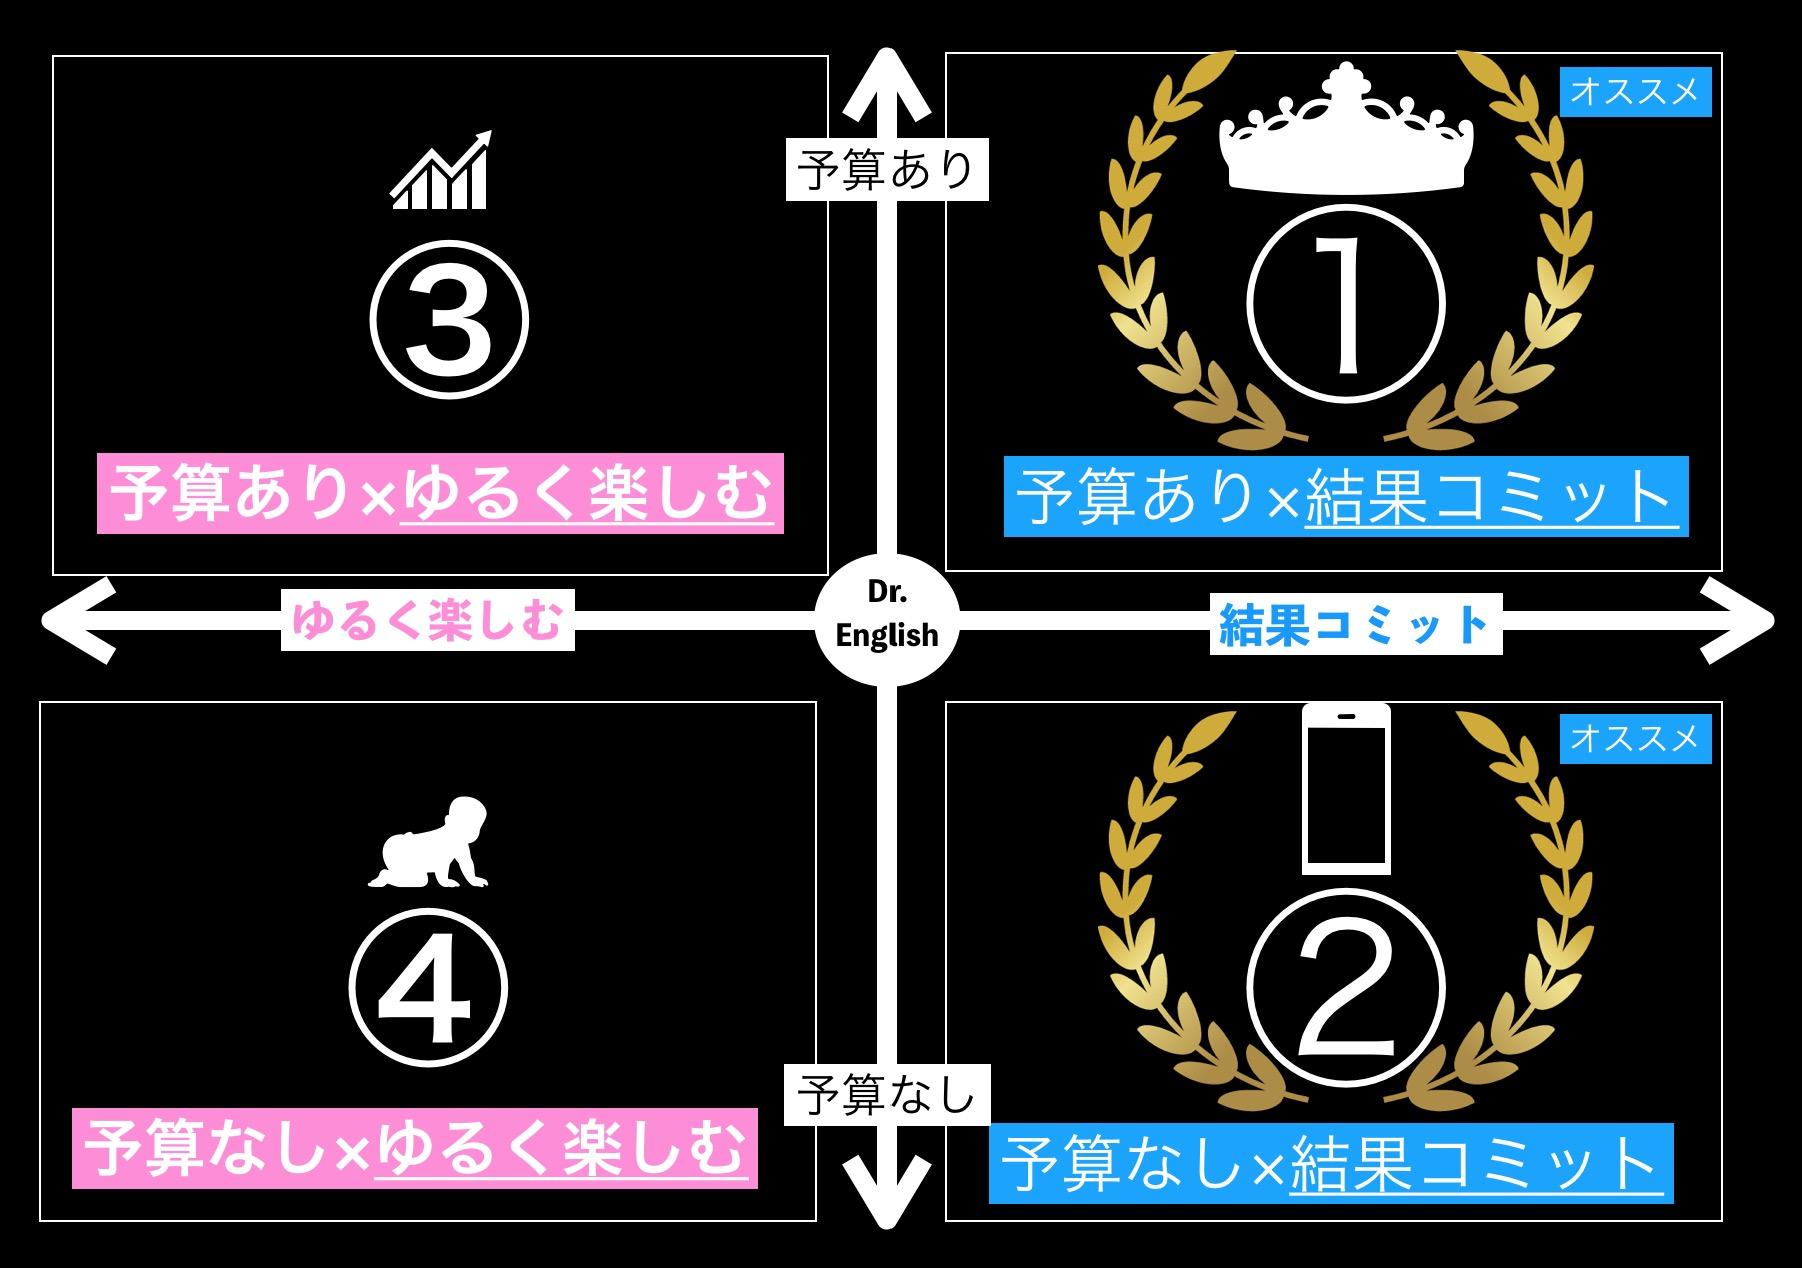 【エリア別】青森のおすすめ英会話スクール13校徹底比較(現役商社マンが解説)